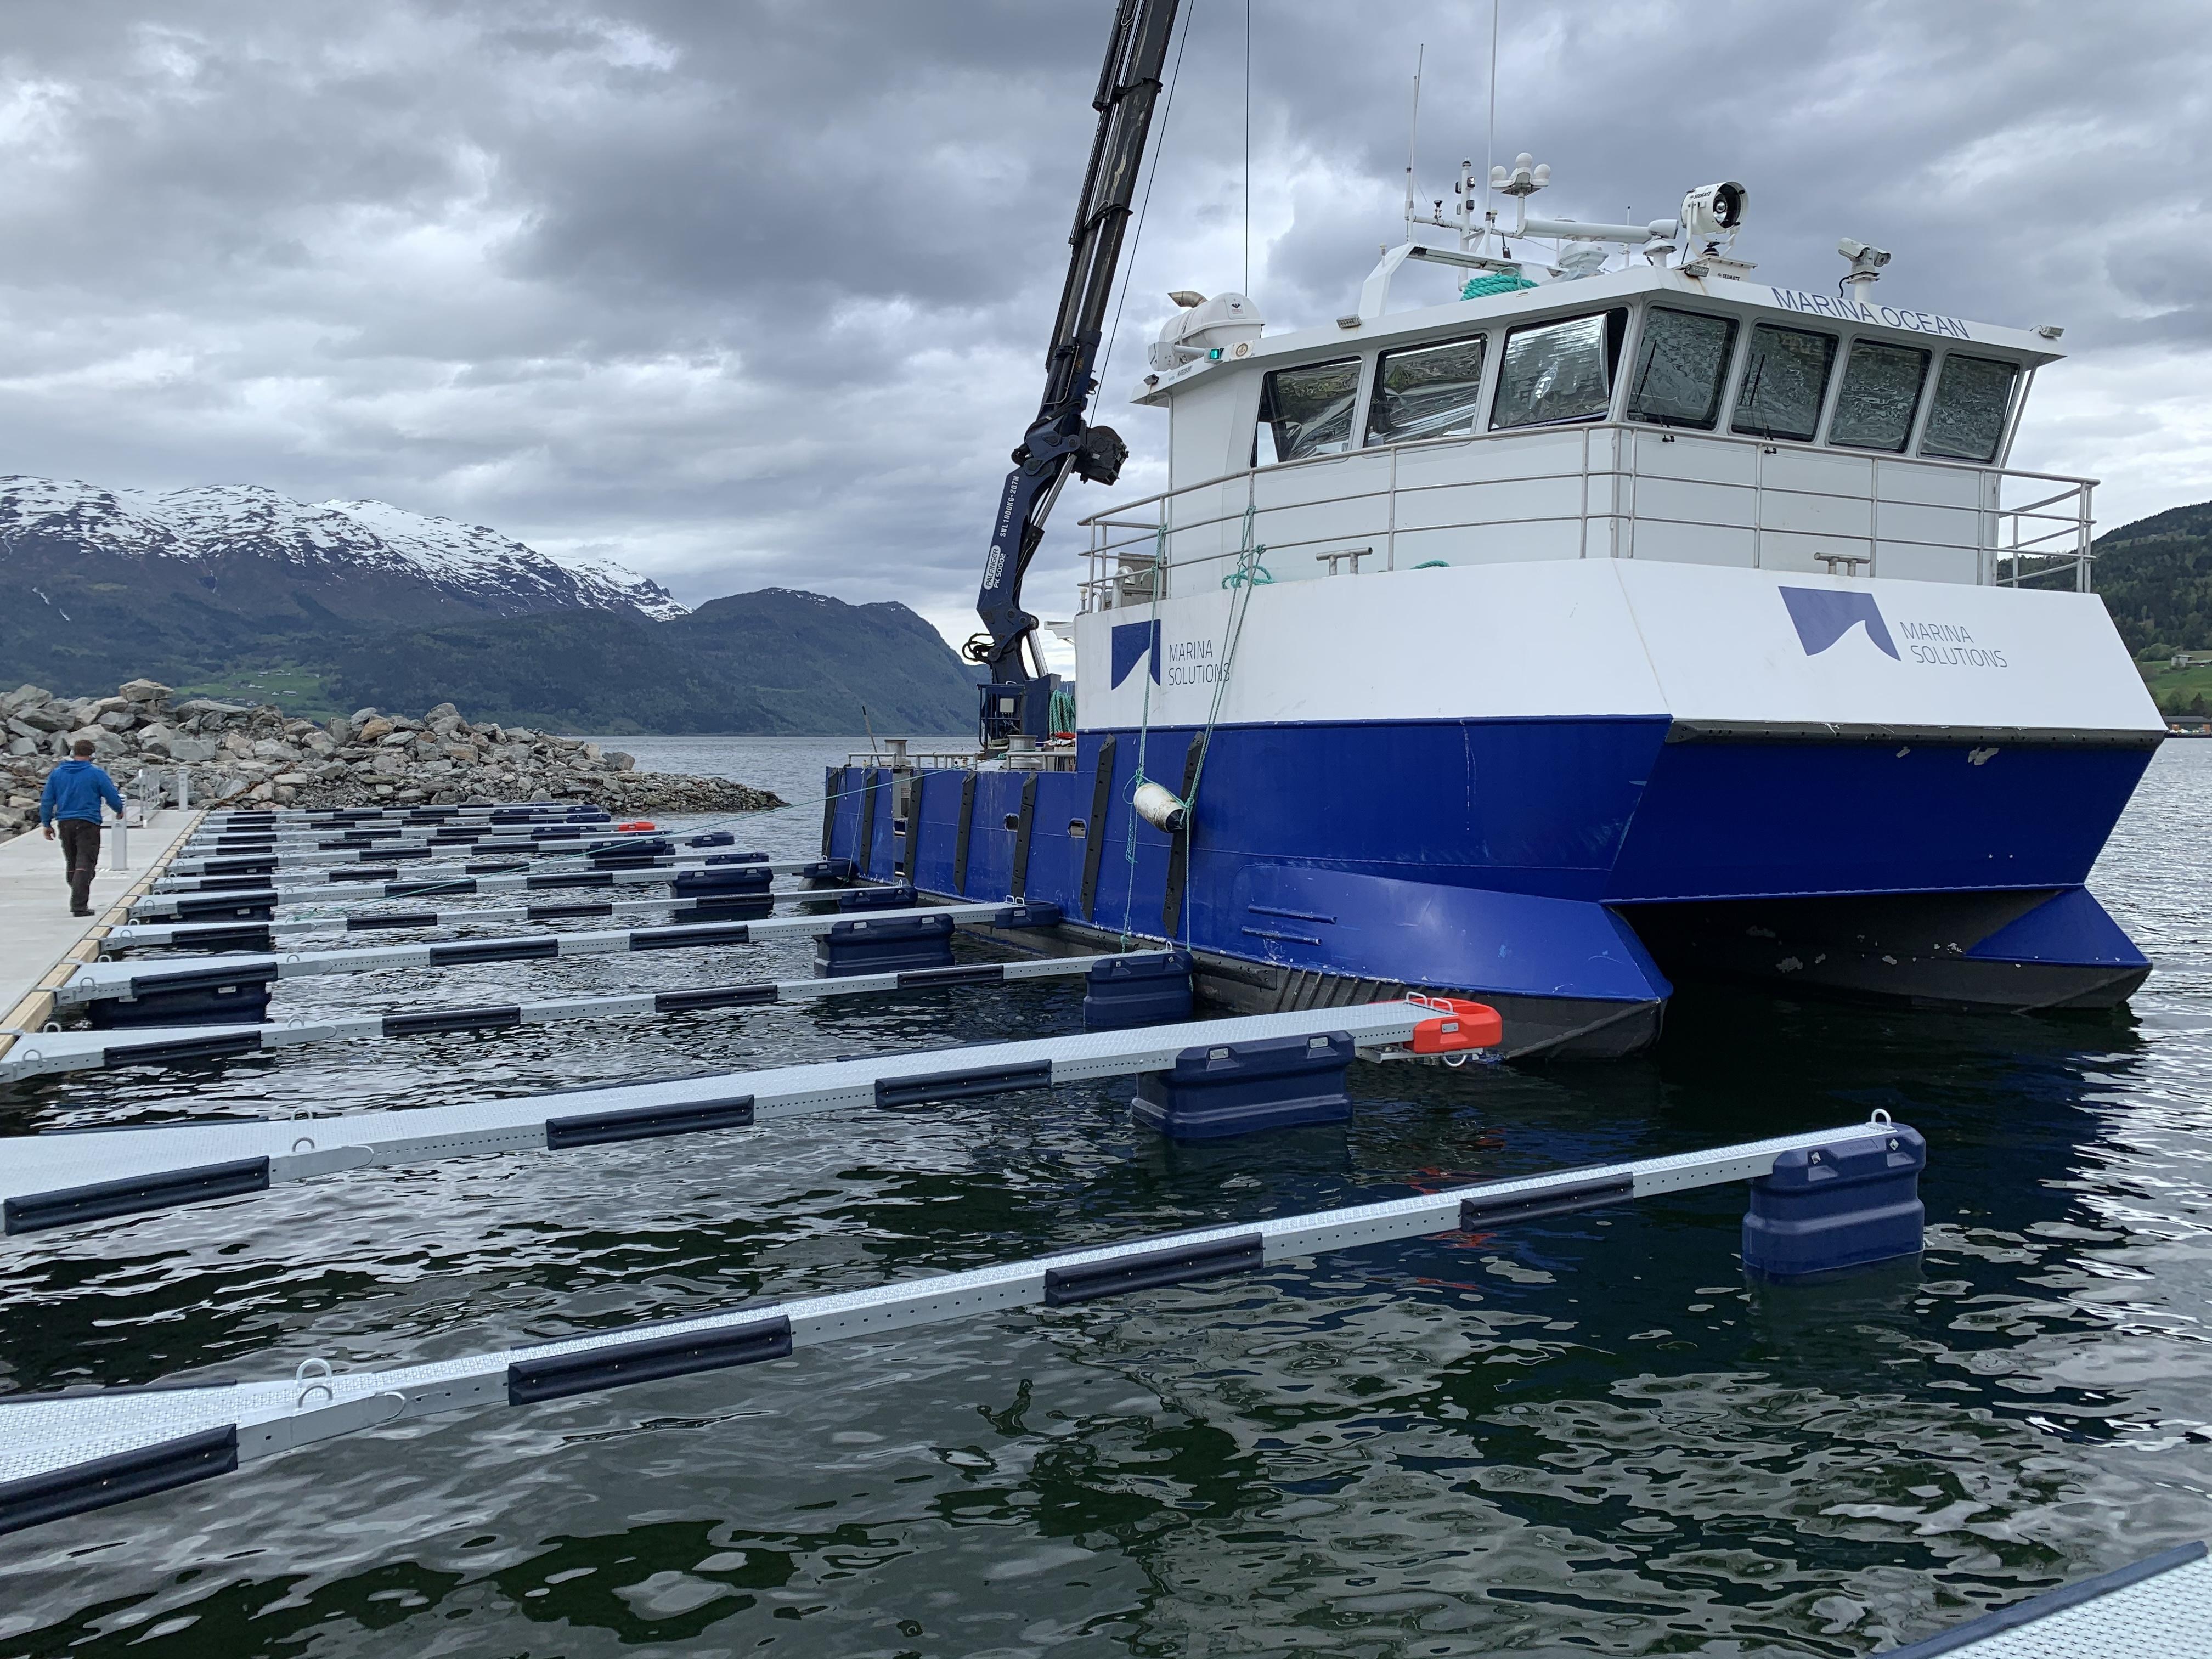 https://marinasolutions.no/uploads/Felleskapet-Elvaneset-75-meter-betongbrygge-og-18-båtplasser-3.jpg